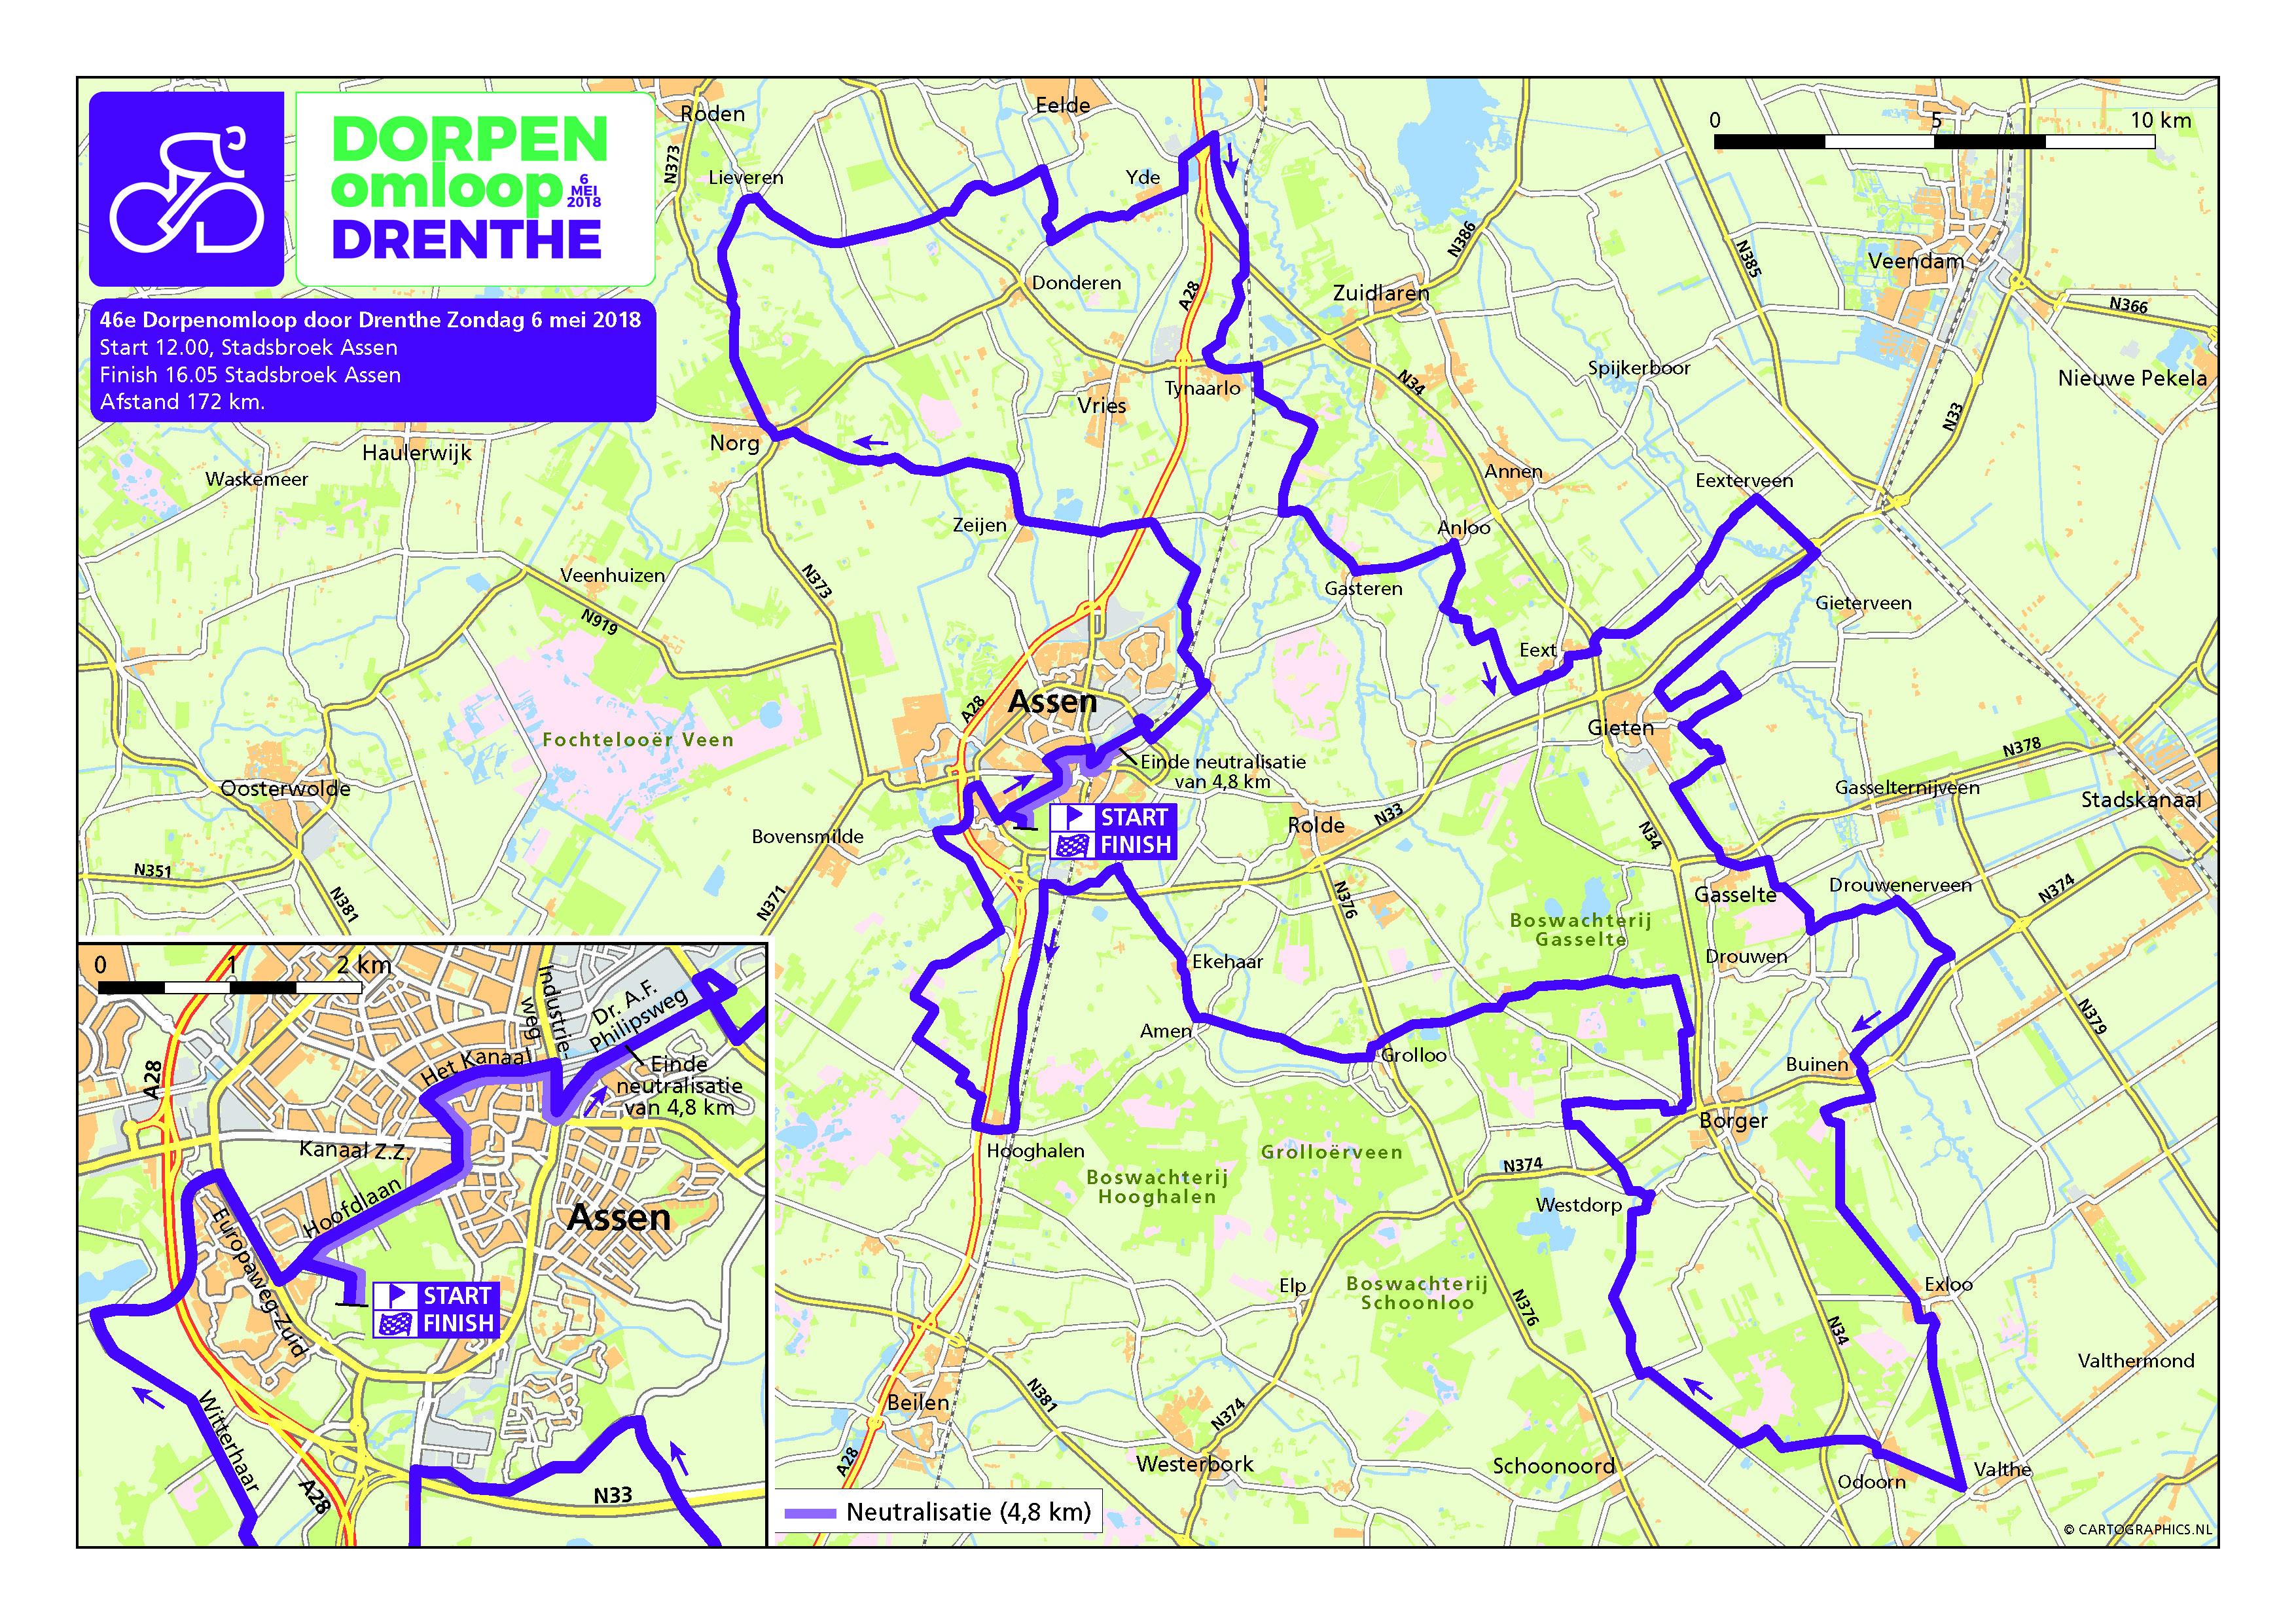 Routekaart Dorpenomloop Drenthe 2018